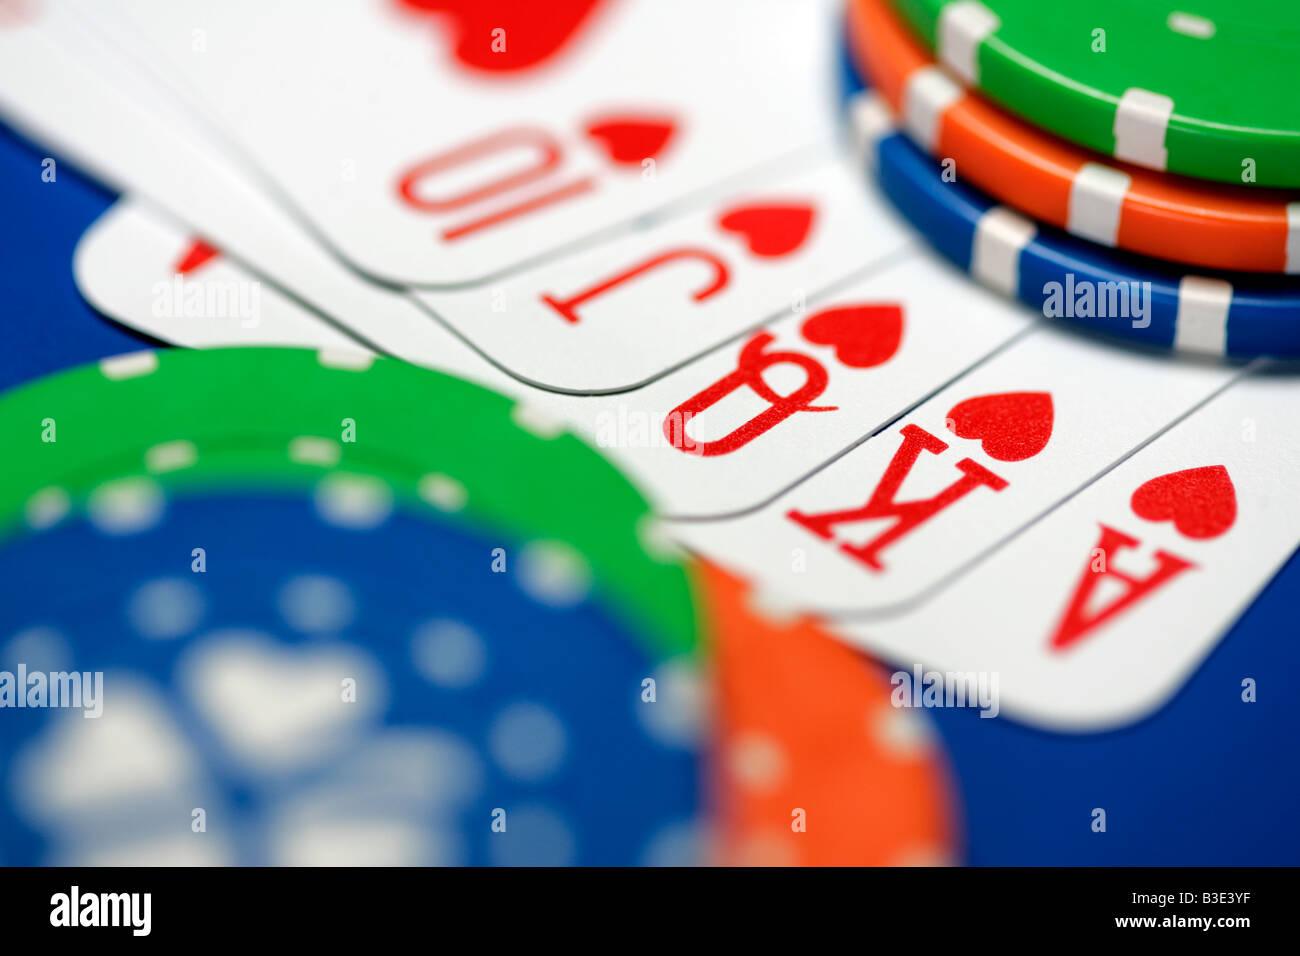 Obbo blackjack